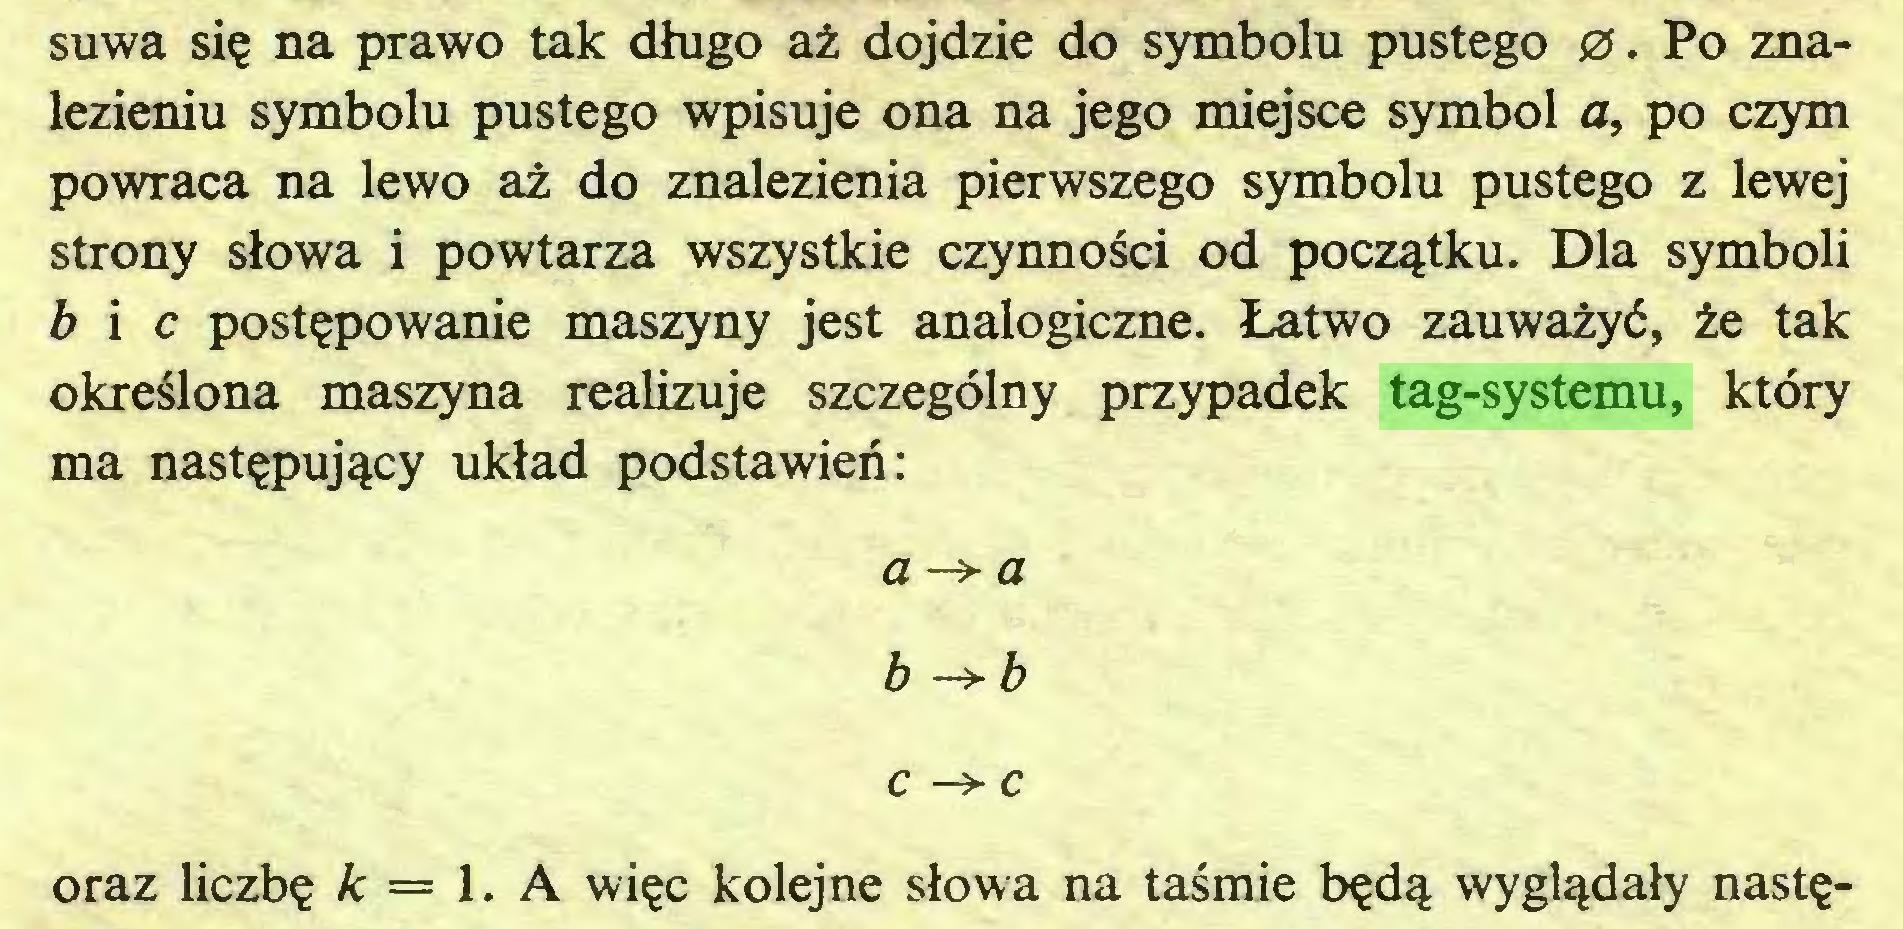 (...) suwa się na prawo tak długo aż dojdzie do symbolu pustego 0. Po znalezieniu symbolu pustego wpisuje ona na jego miejsce symbol a, po czym powraca na lewo aż do znalezienia pierwszego symbolu pustego z lewej strony słowa i powtarza wszystkie czynności od początku. Dla symboli b i c postępowanie maszyny jest analogiczne. Łatwo zauważyć, że tak określona maszyna realizuje szczególny przypadek tag-systemu, który ma następujący układ podstawień: a -> a b ->b c —> c oraz liczbę k = 1. A więc kolejne słowa na taśmie będą wyglądały nastę...